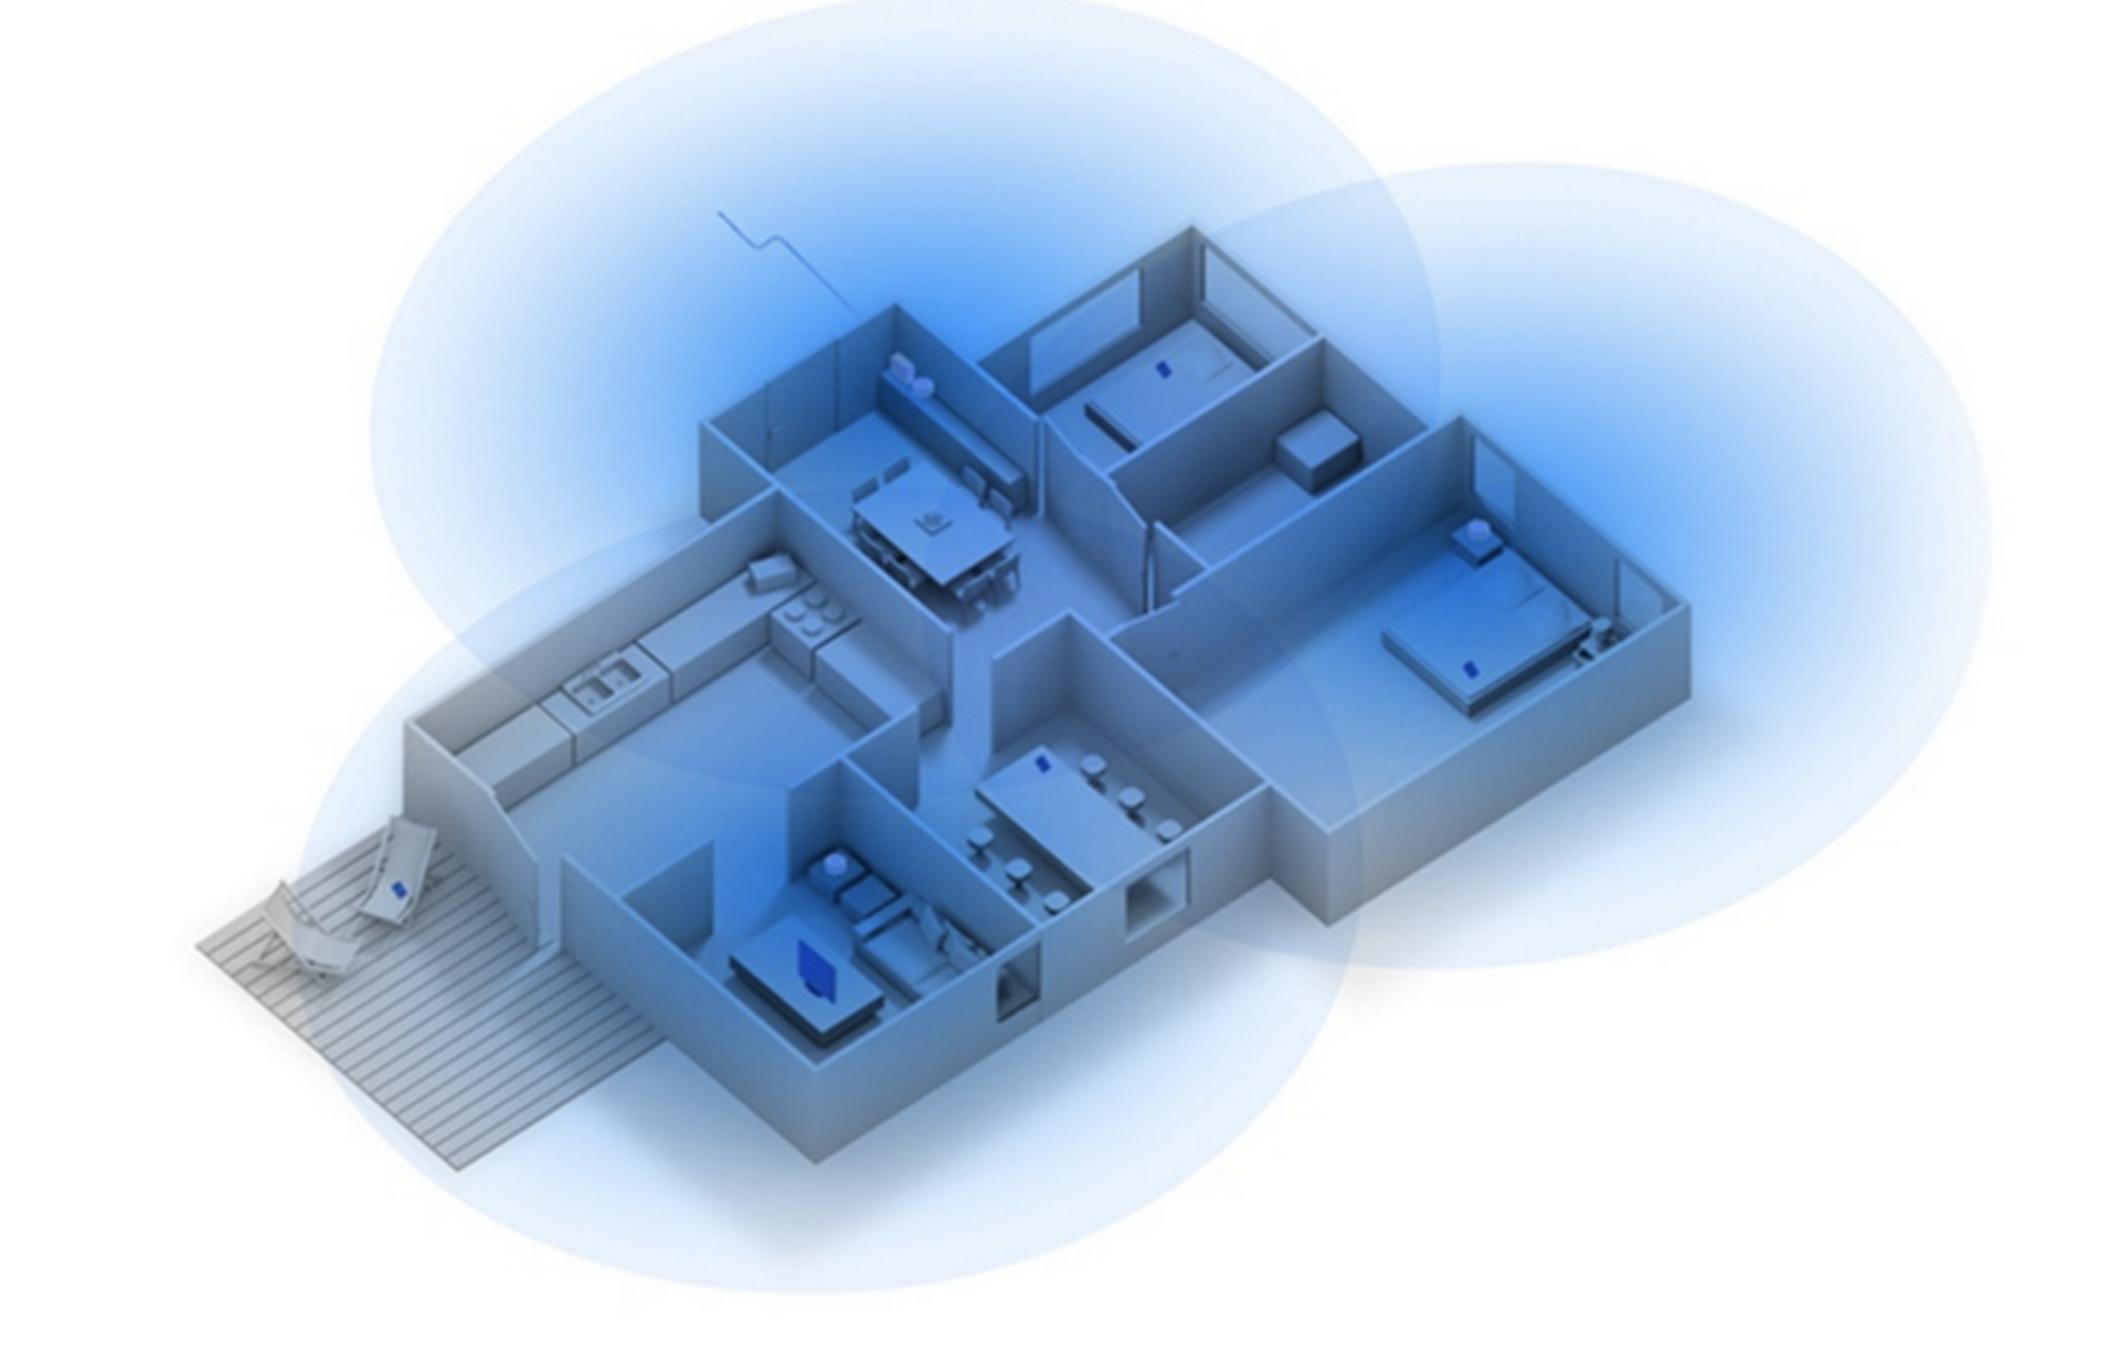 メッシュネットワークを導入した環境